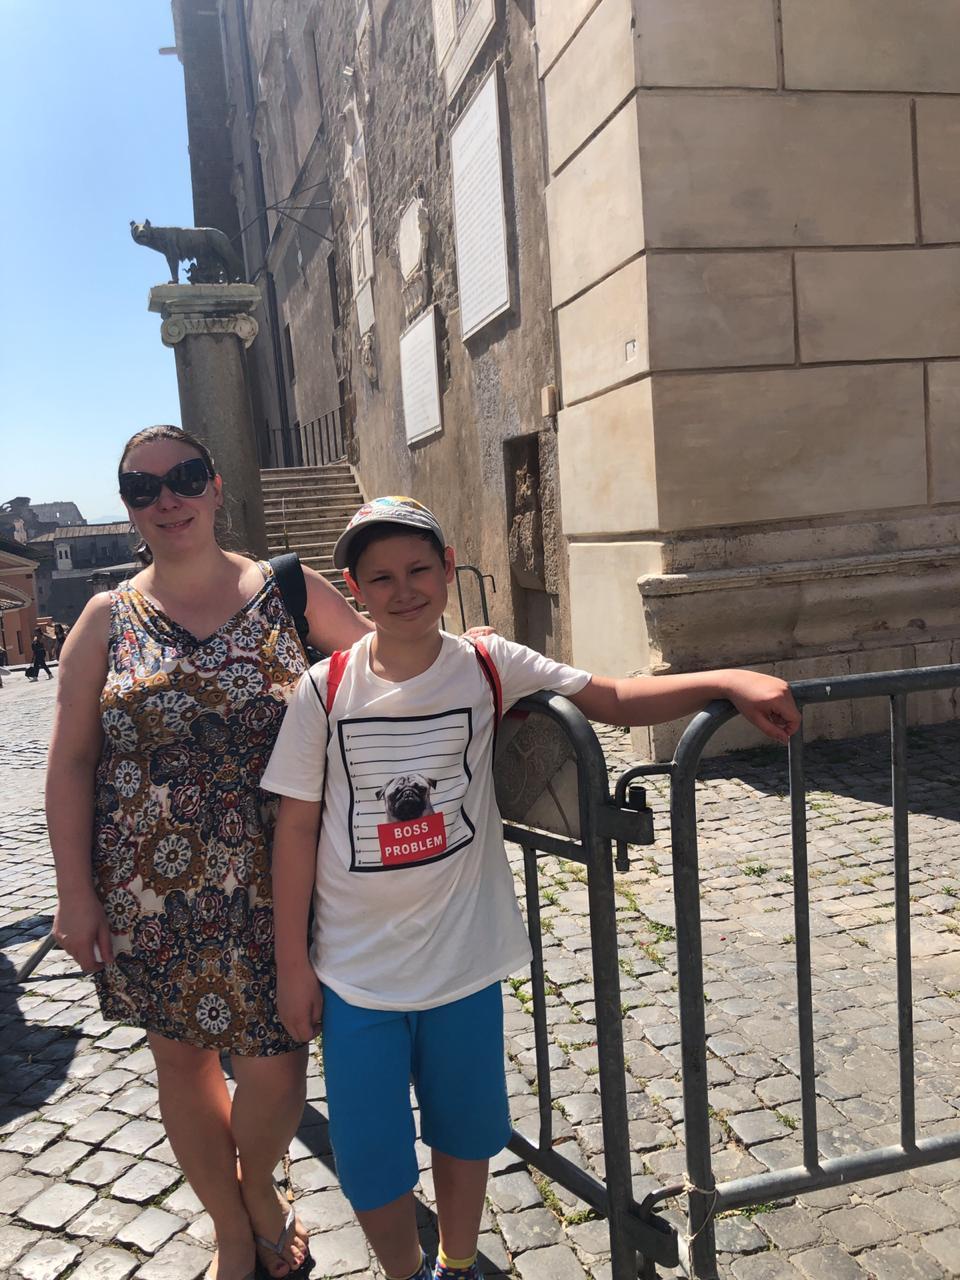 Отзыв на детский квест в Риме 18.06.2019